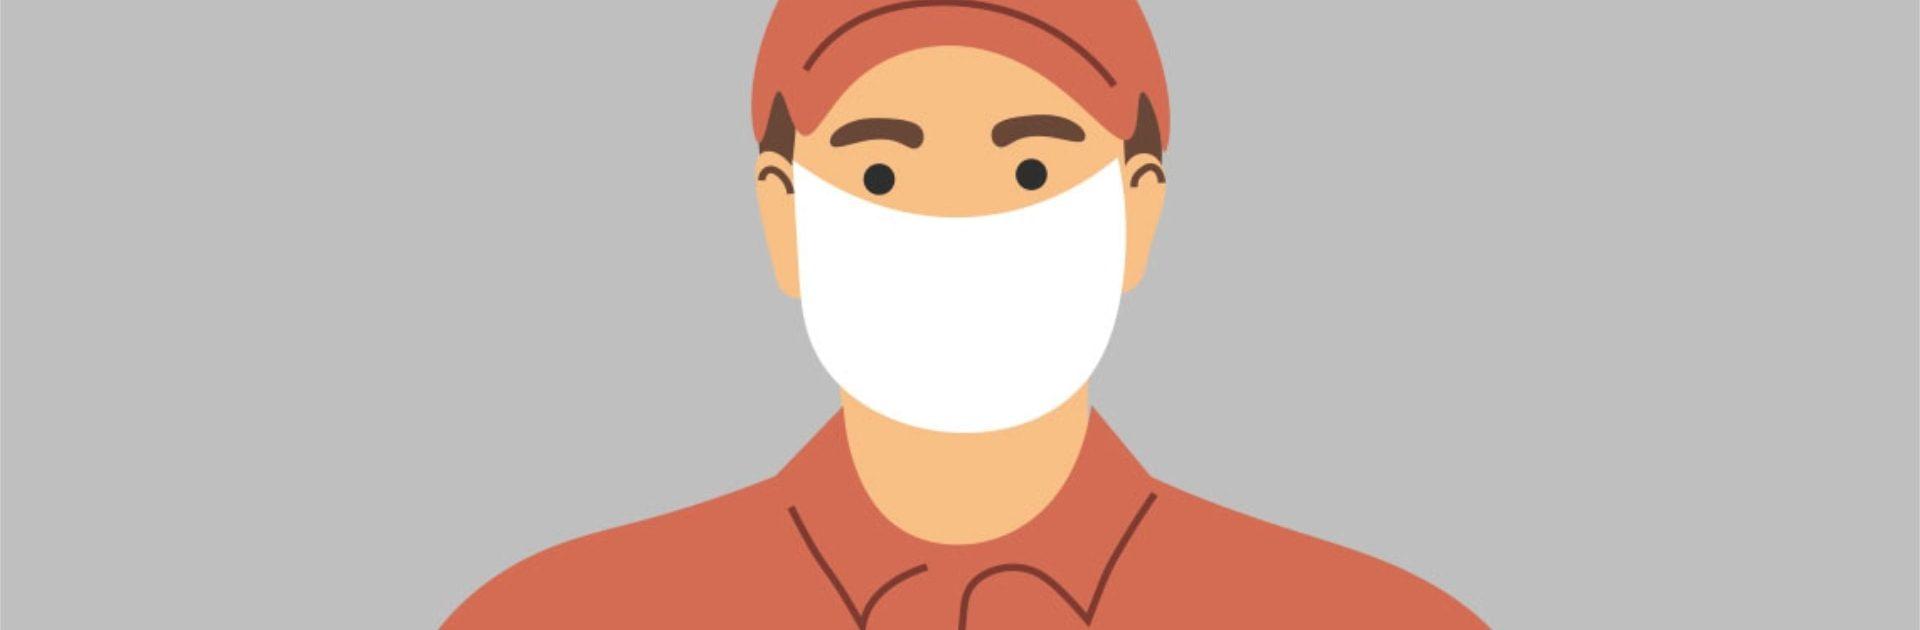 Mund-Nase-Bedeckungen in Zeiten von Corona